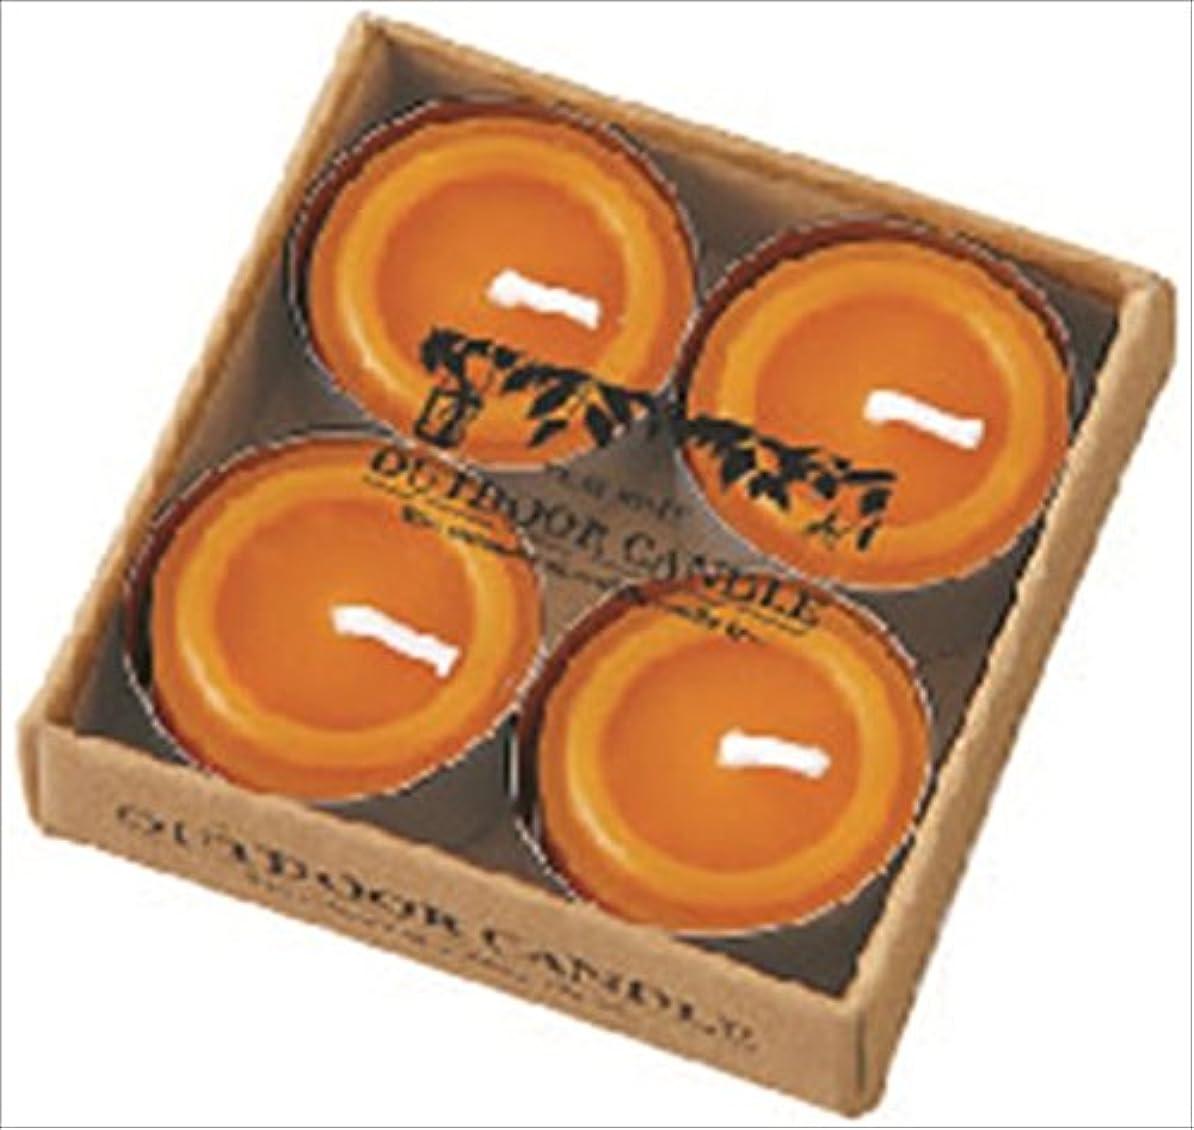 相互接続セレナレガシーカメヤマキャンドル( kameyama candle ) シトロネラティーライト4個入り A8590500